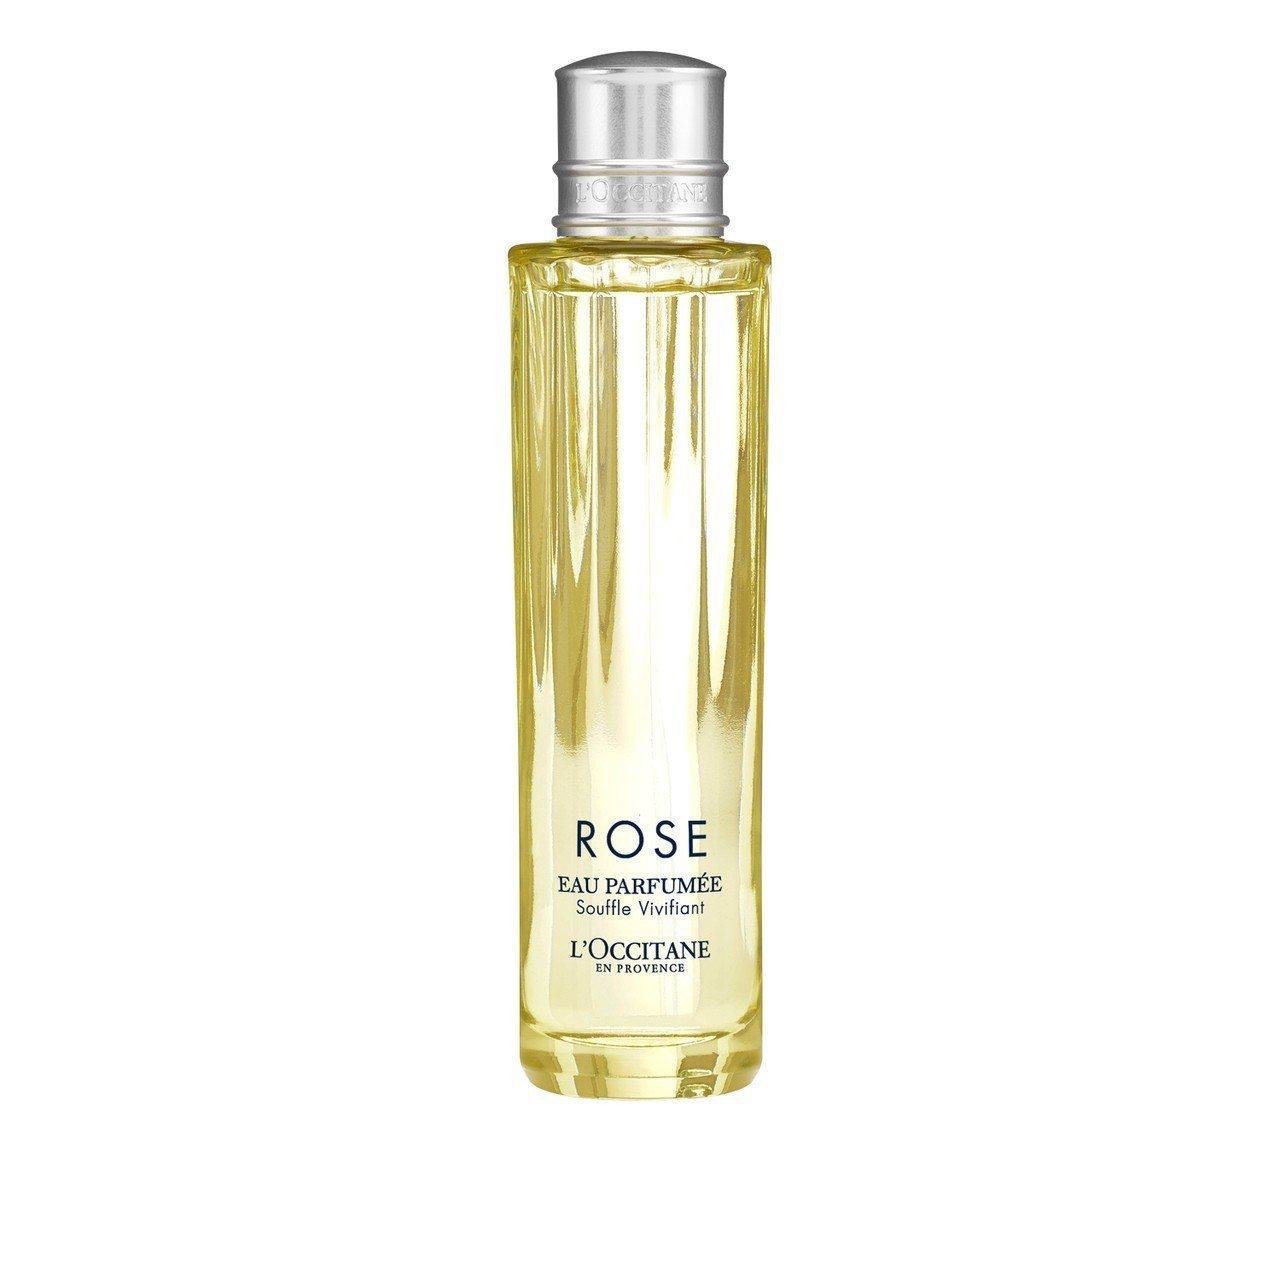 L'OCCITANE活力玫瑰香氛霧,50ml售價1,500元。圖/歐舒丹提供